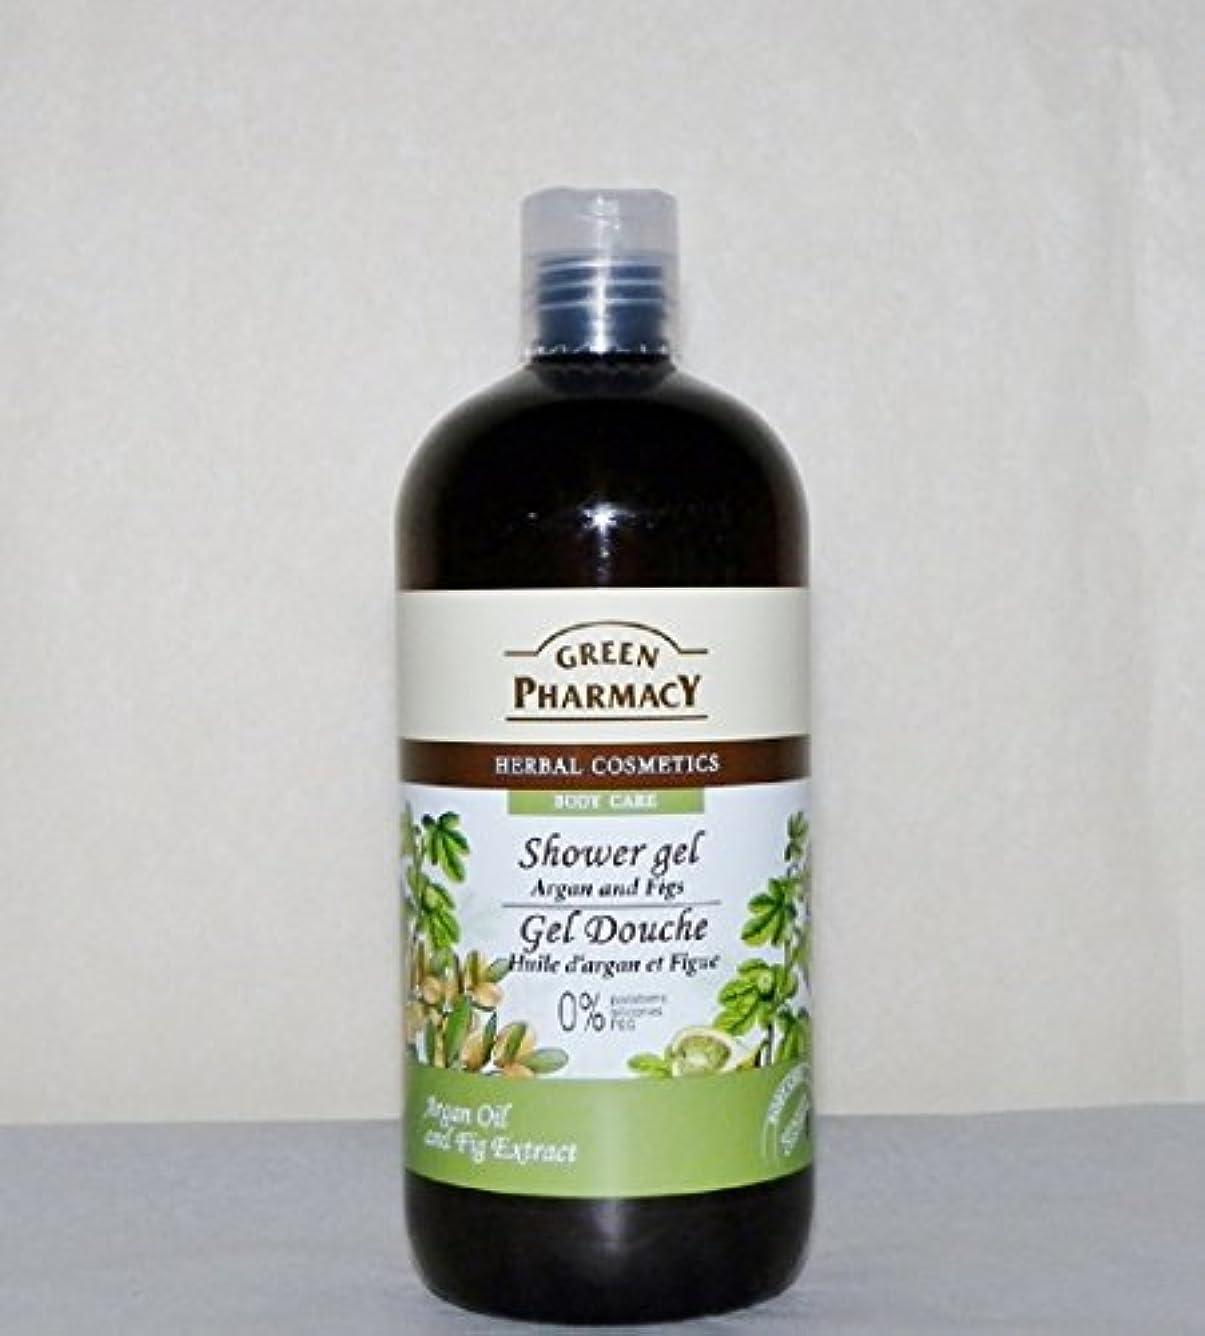 バウンスコンデンサー裁定Elfa Pharm Green Pharmacy グリーンファーマシー Shower Gel シャワージェル Argan Oil&Figs